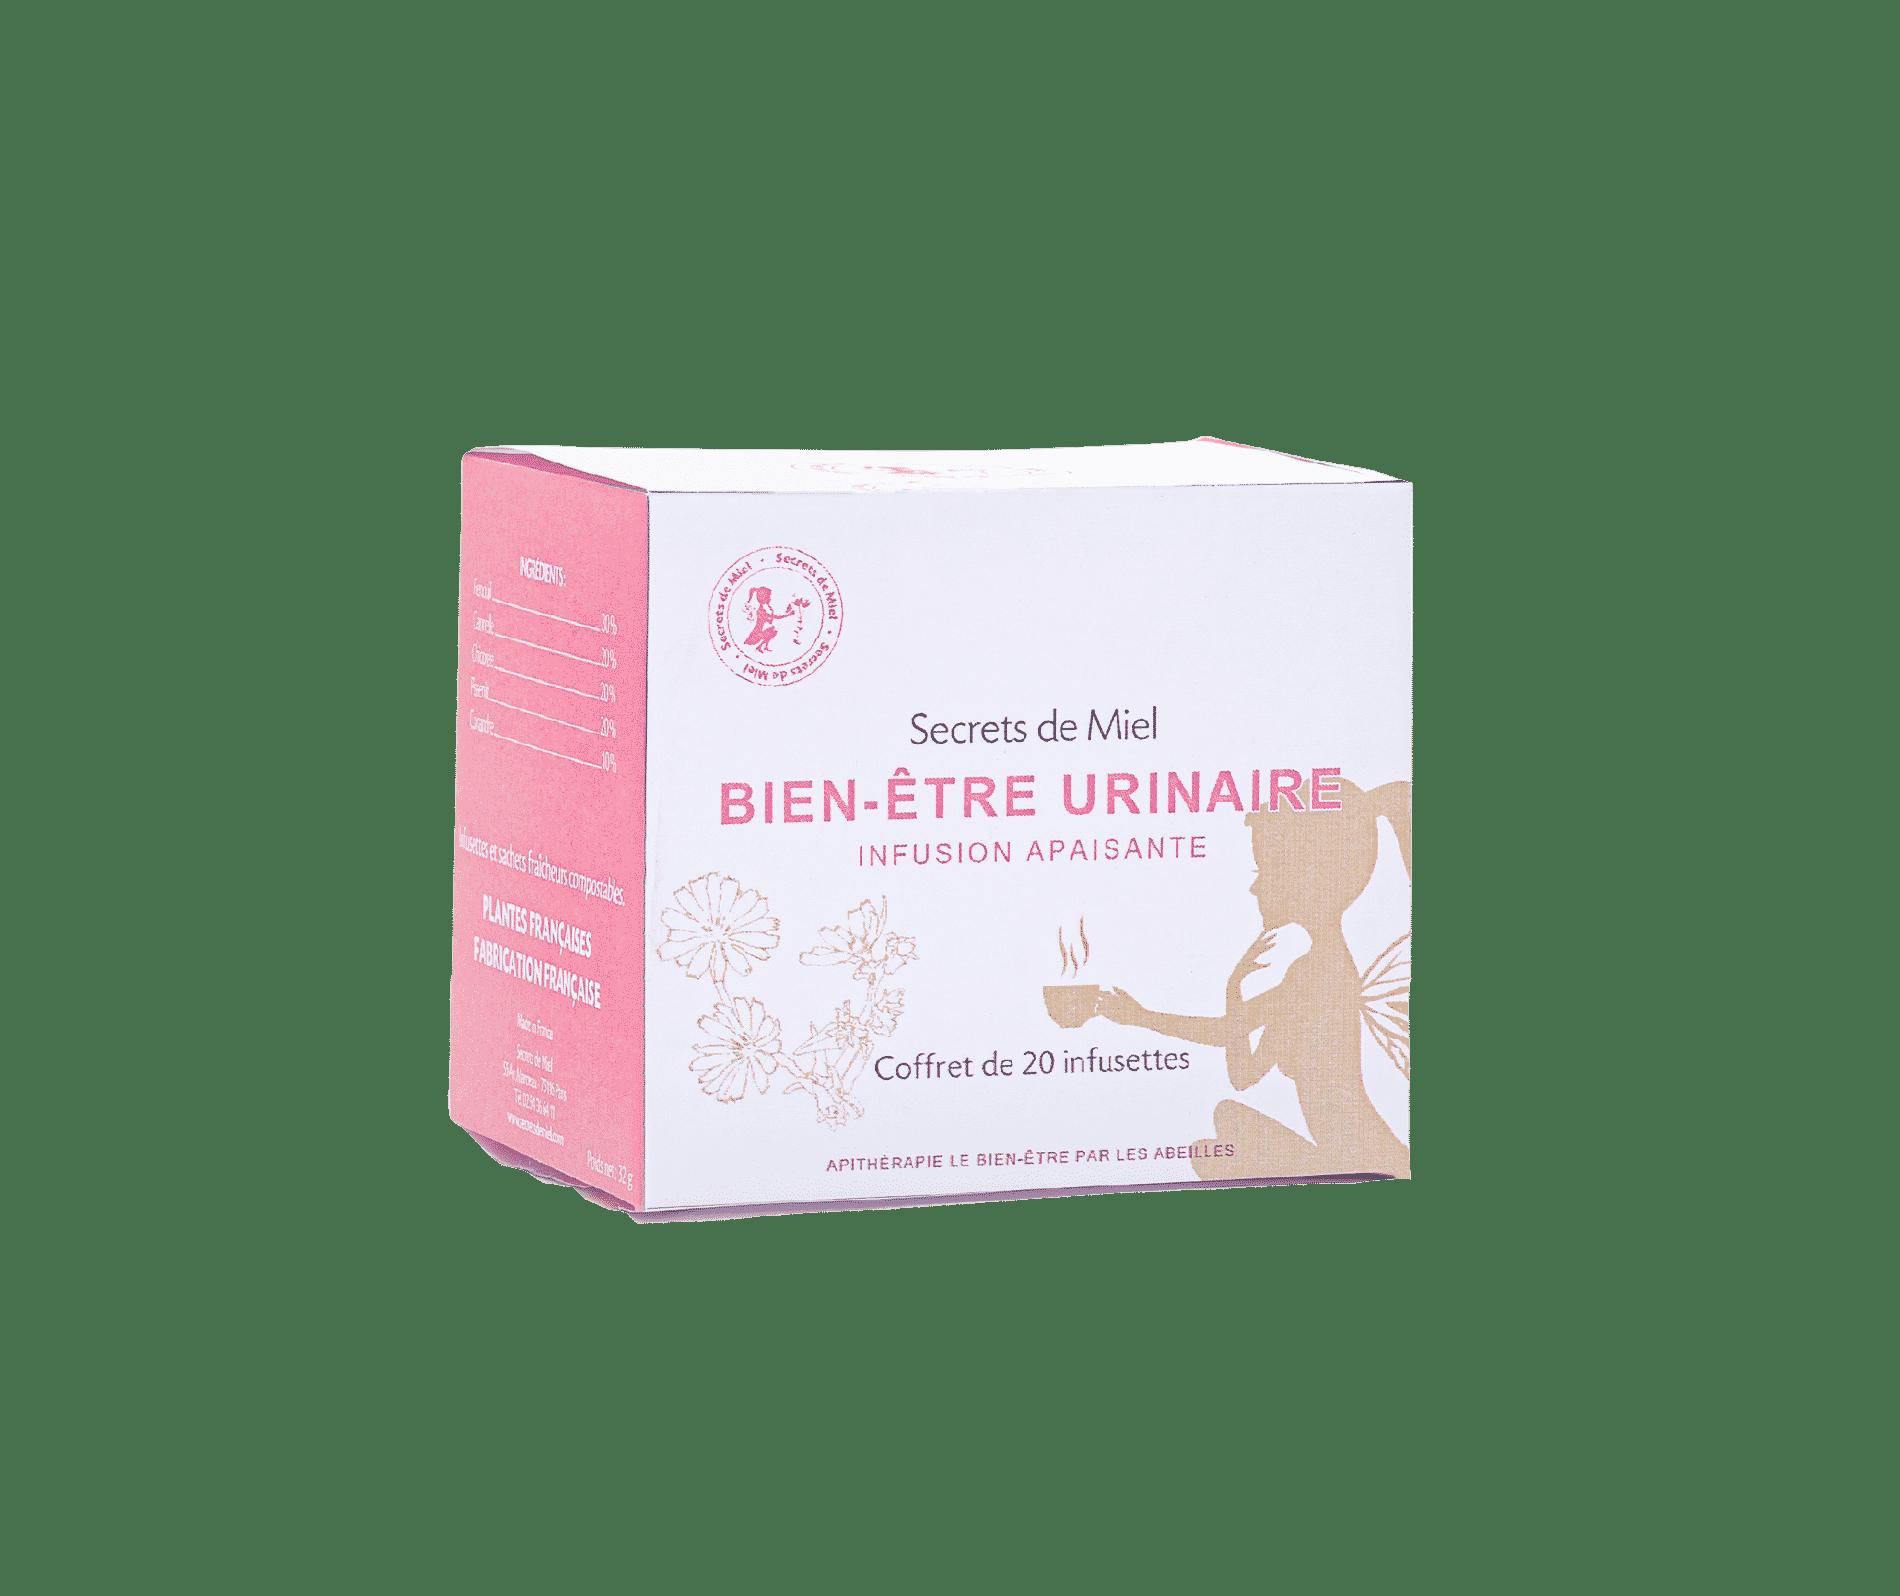 infusion bien-être urinaire - apaise - améliorer action des reins - plantes 100% françaises - biologique - Secrets de Miel - Made in France